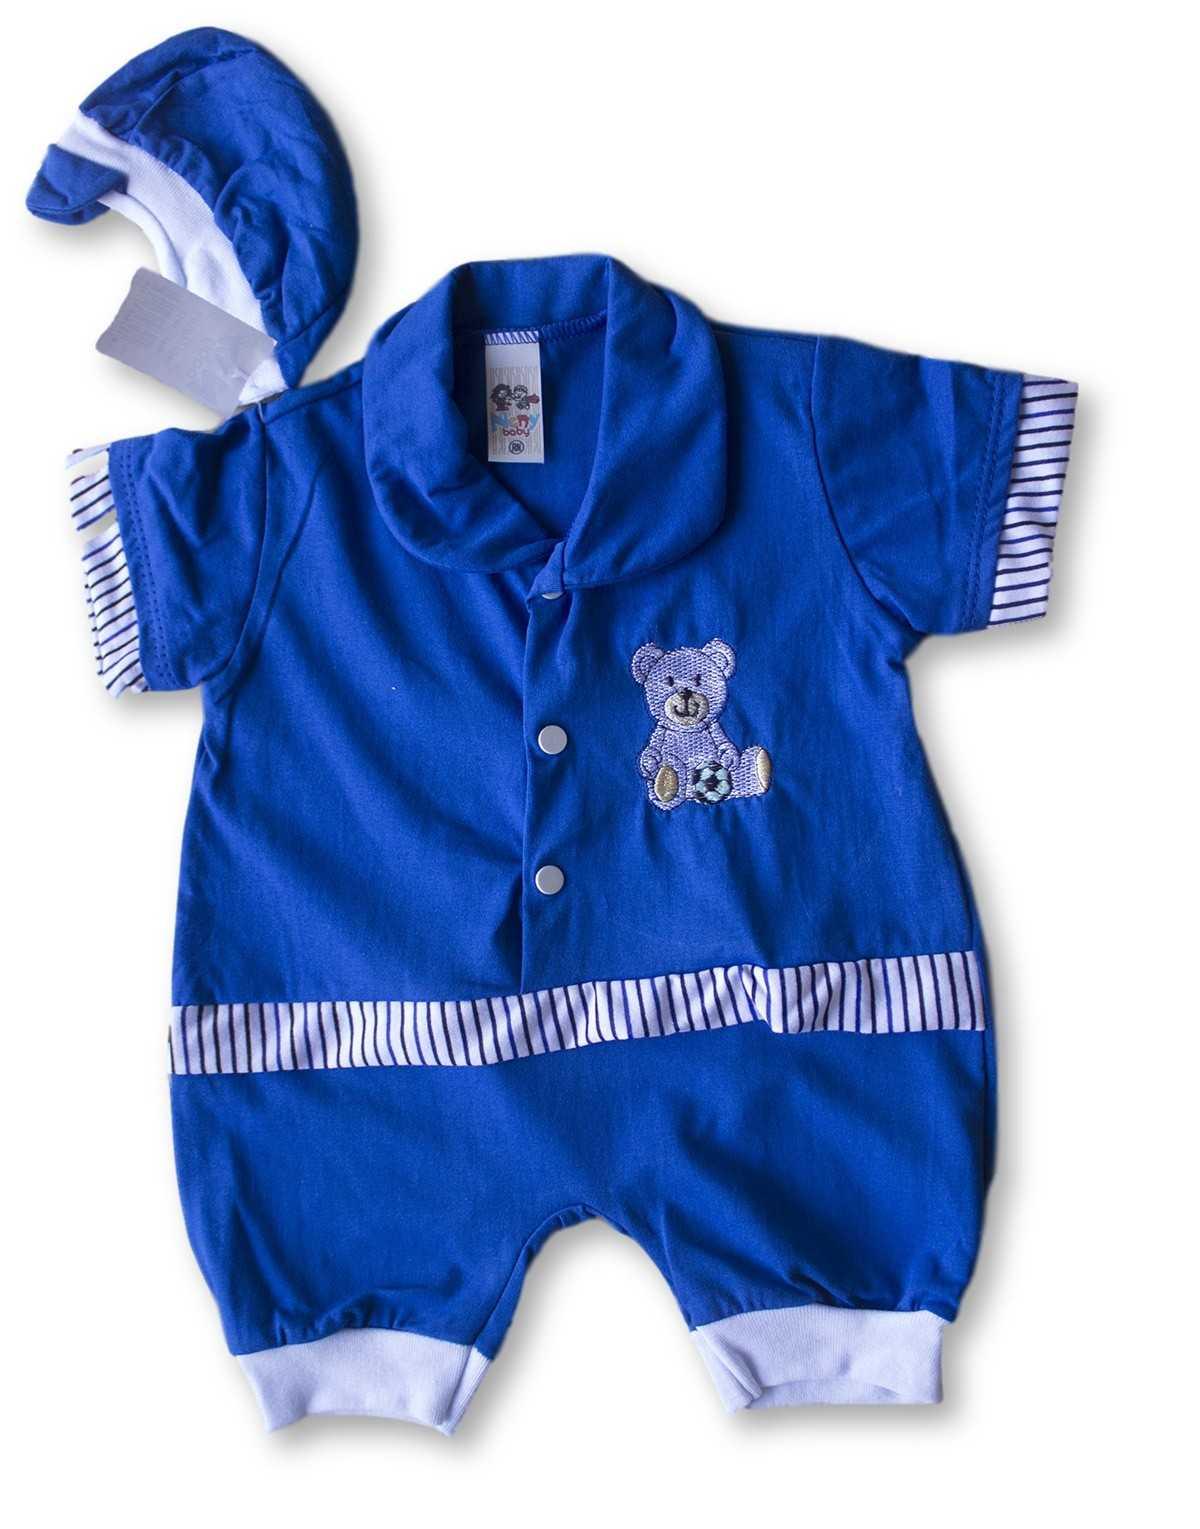 Macacão Bebe Recém Nascido Masculino Bordado Cod 9068